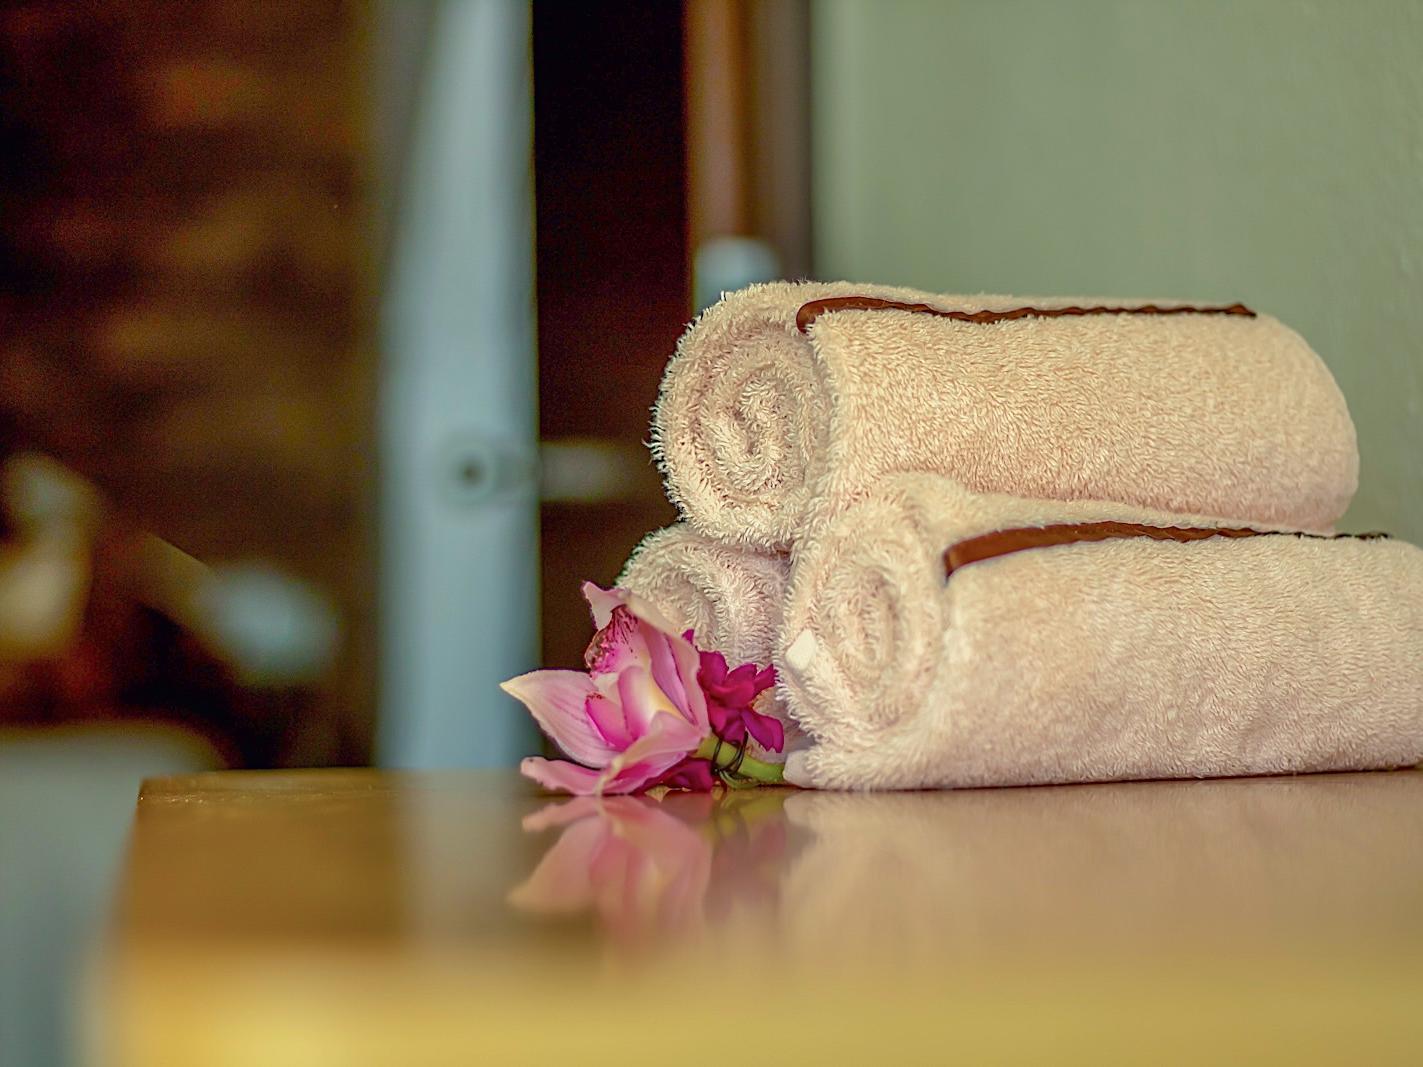 Configuración de toallas